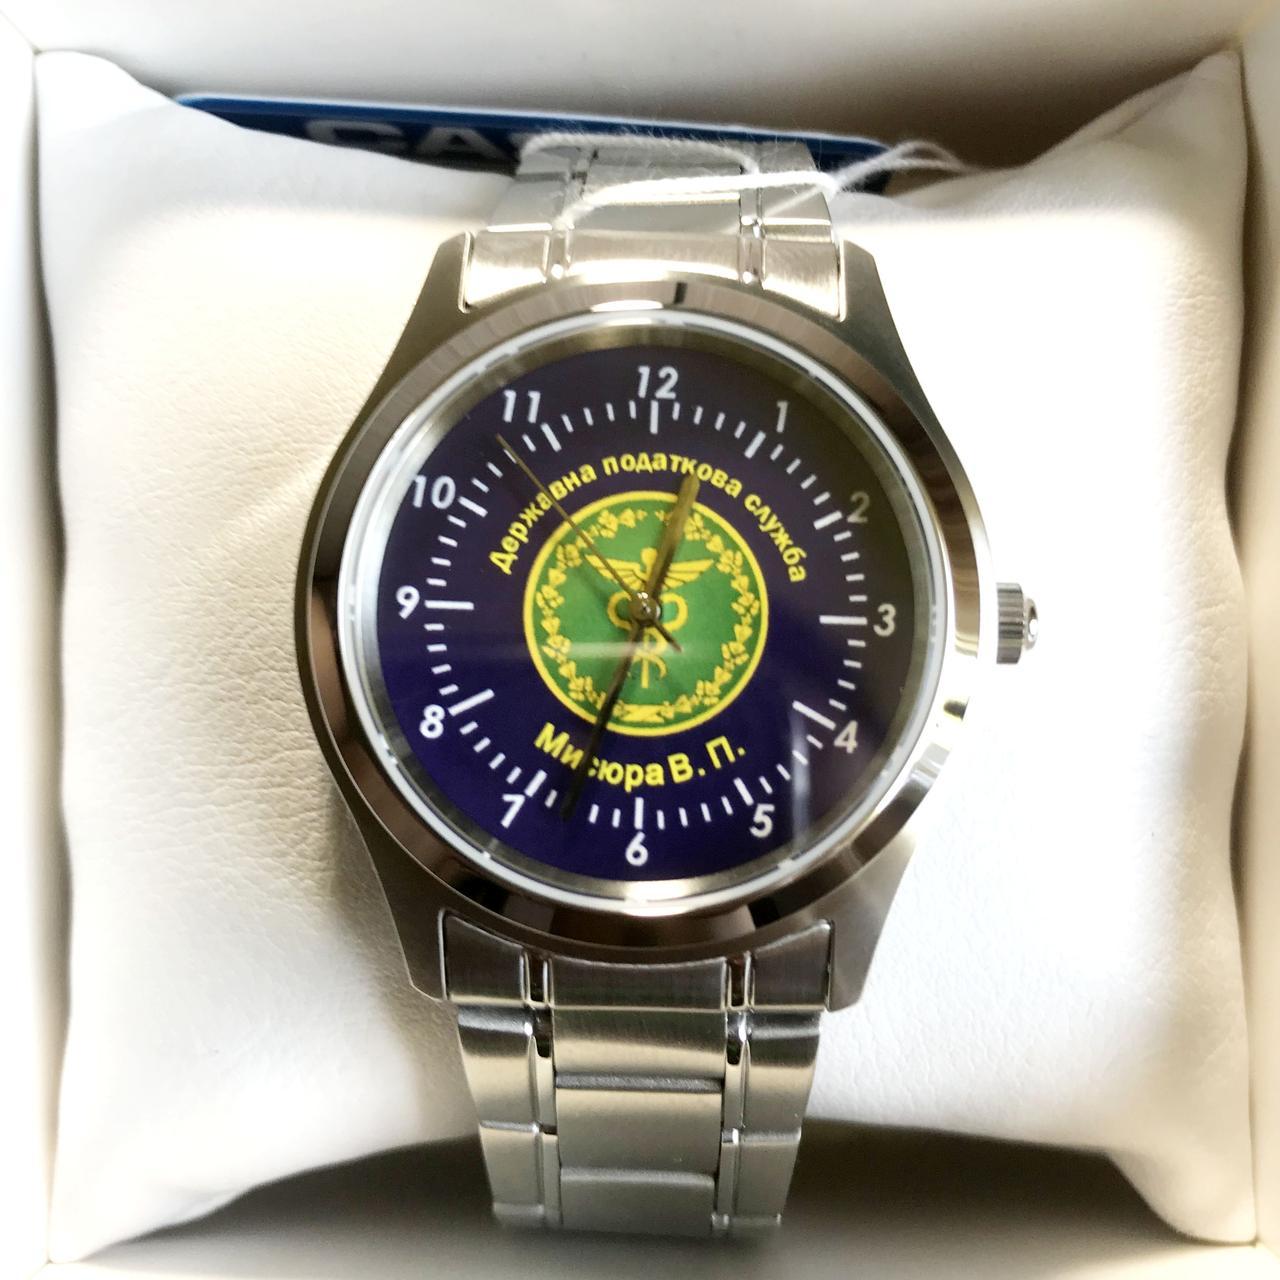 Часы наручные с логотипом Державна податкова служба